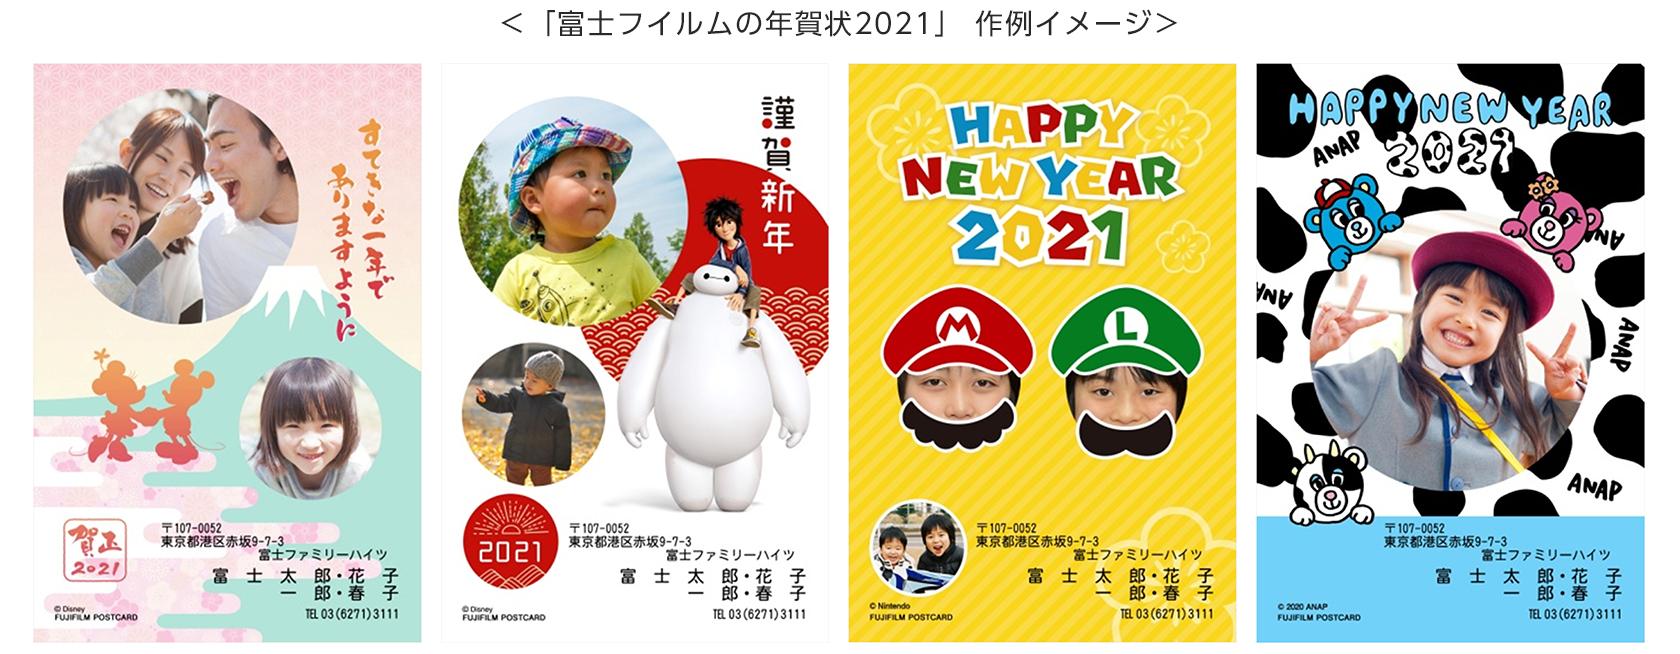 [画像]「富士フイルムの年賀状2021」 作例イメージ